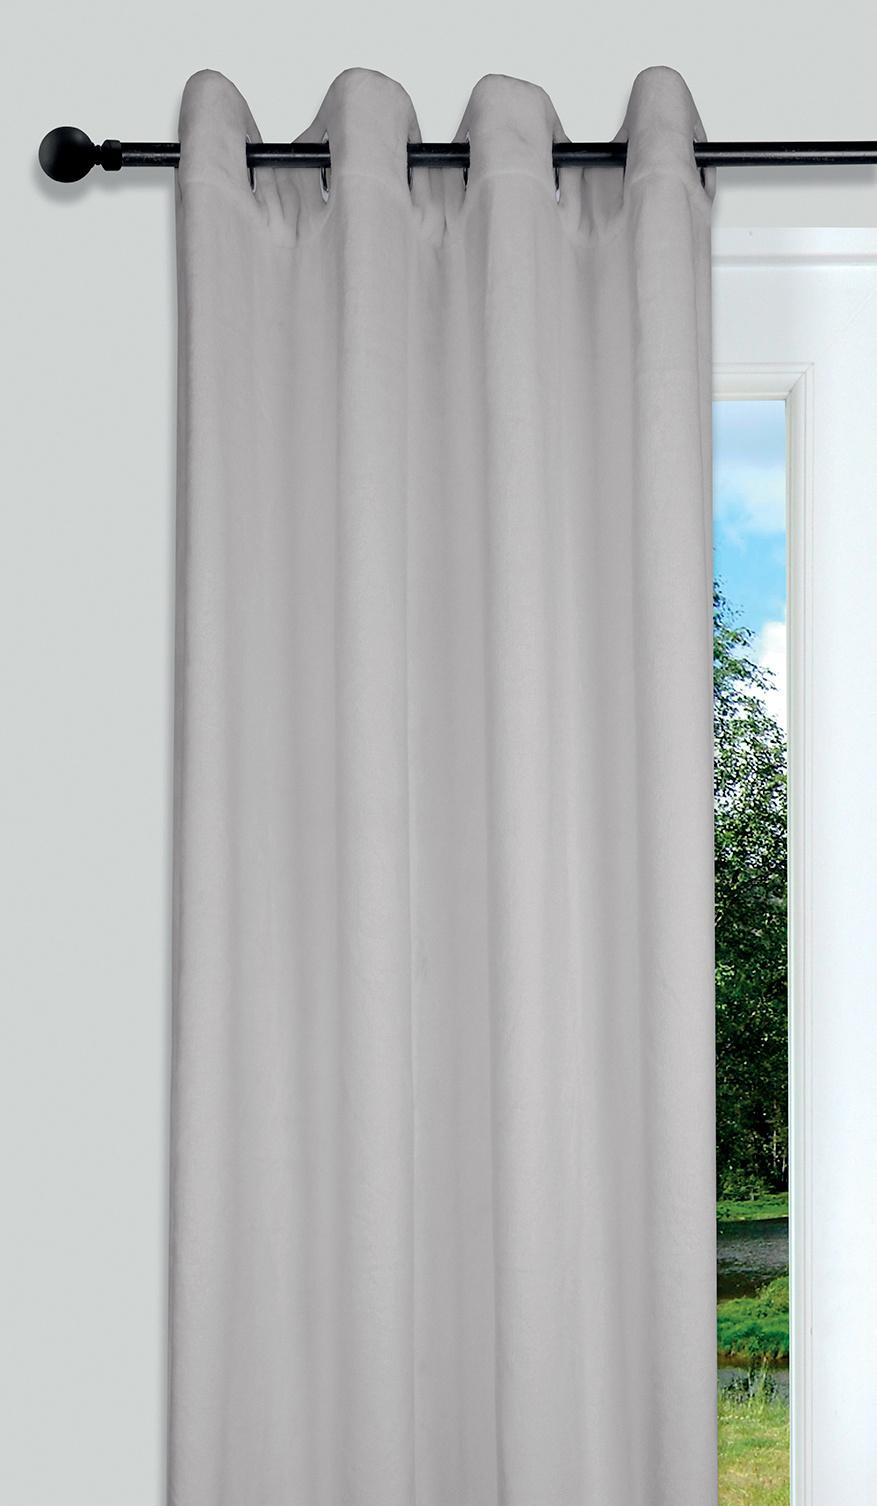 rideau isolant en polaire lin perle noir rouge ecru chocolat violet. Black Bedroom Furniture Sets. Home Design Ideas